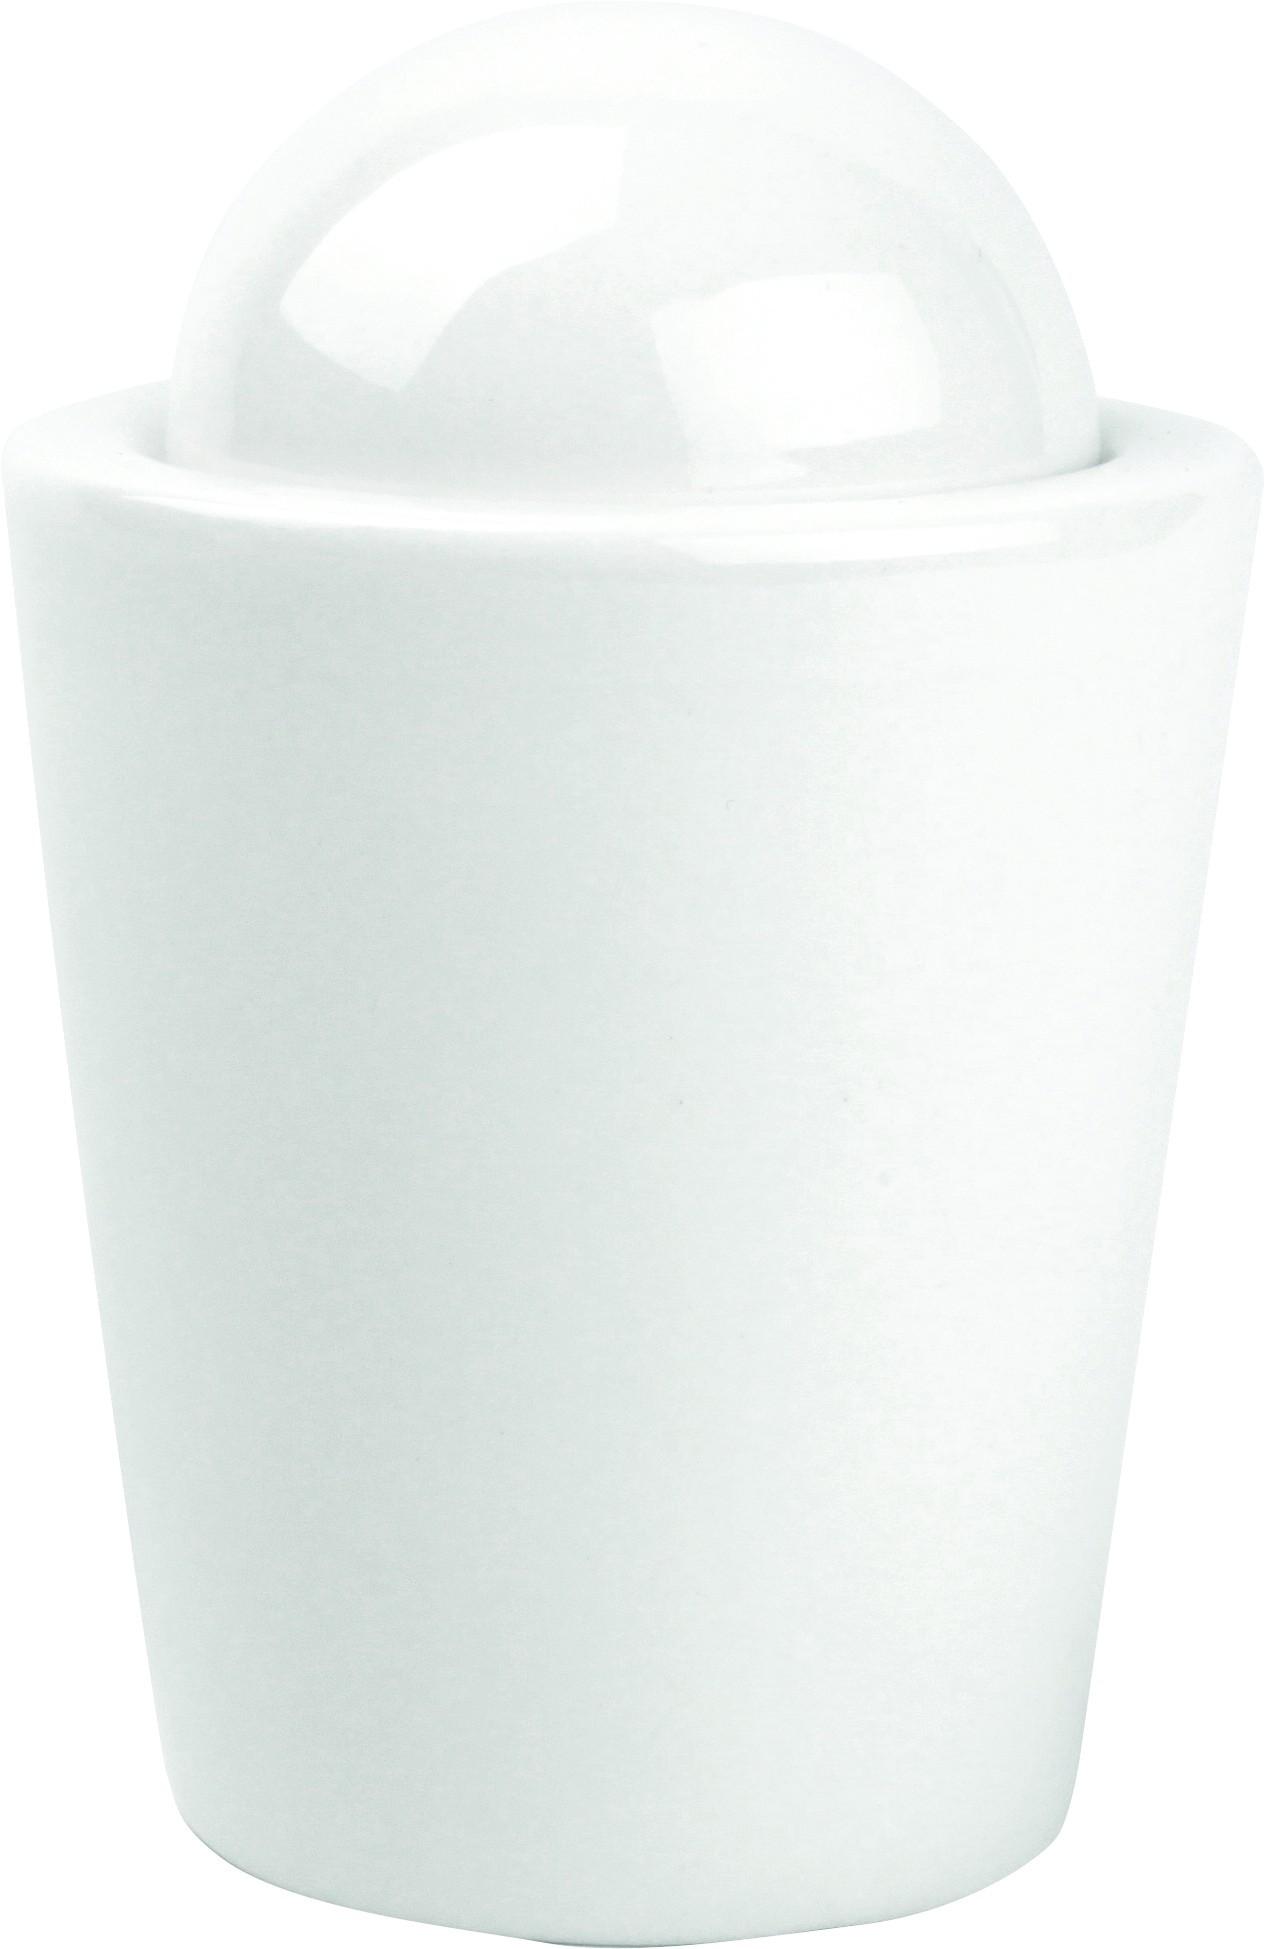 Ζαχαριέρα πορσελάνης Gusto home   ειδη cafe τσαϊ   γαλατιέρες   ζαχαριέρες